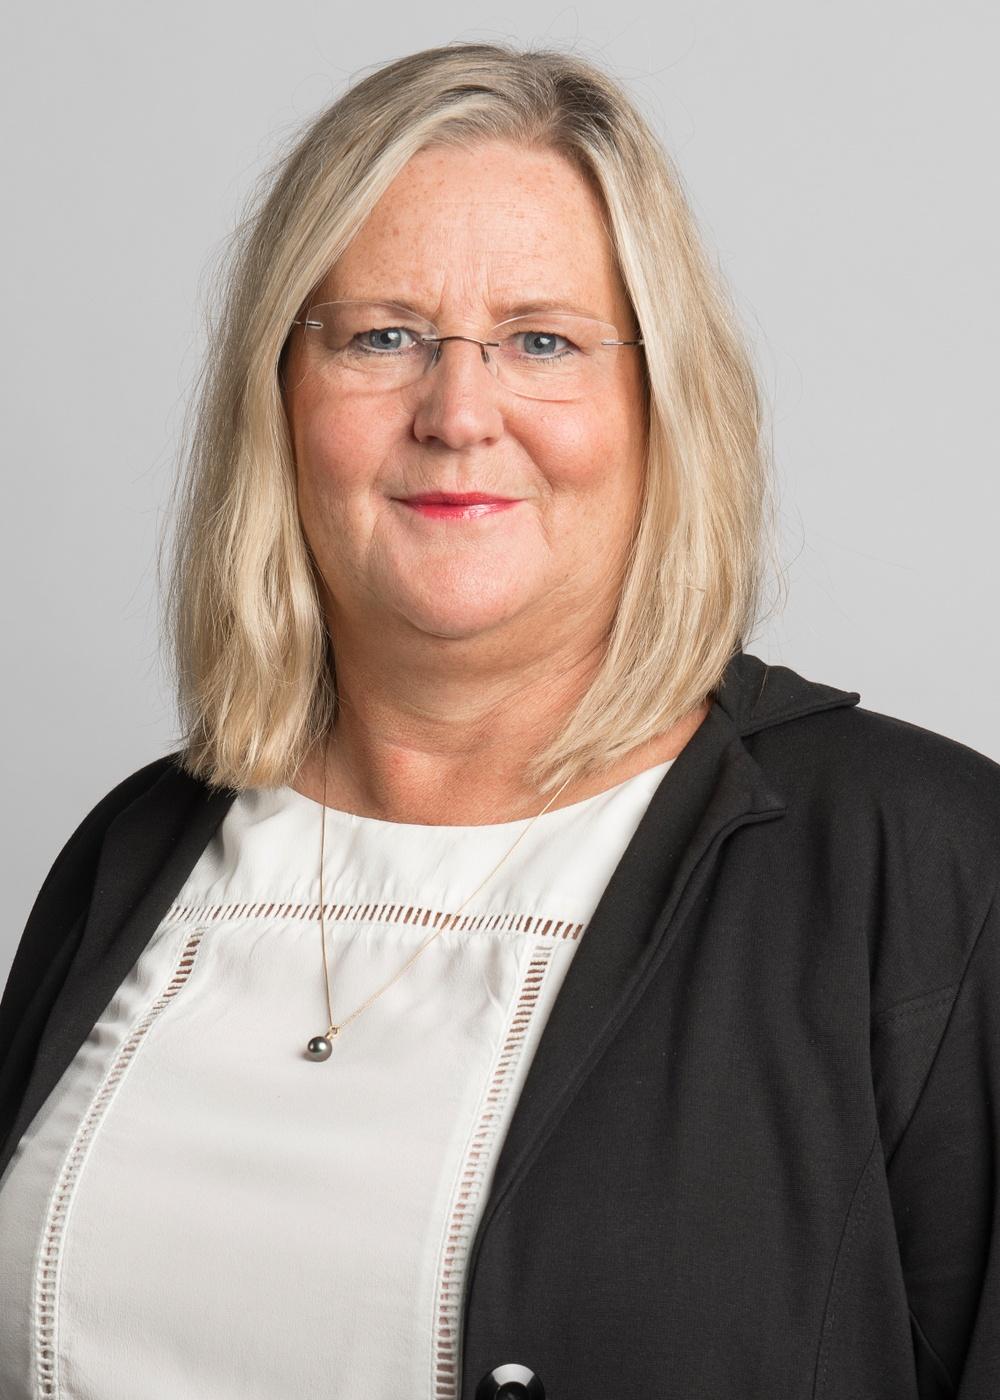 Helena Gibson Ek är kommunikationsansvarig på IQ Samhällsbyggnad och i det strategiska innovationsprogrammet Smart Built Environment.